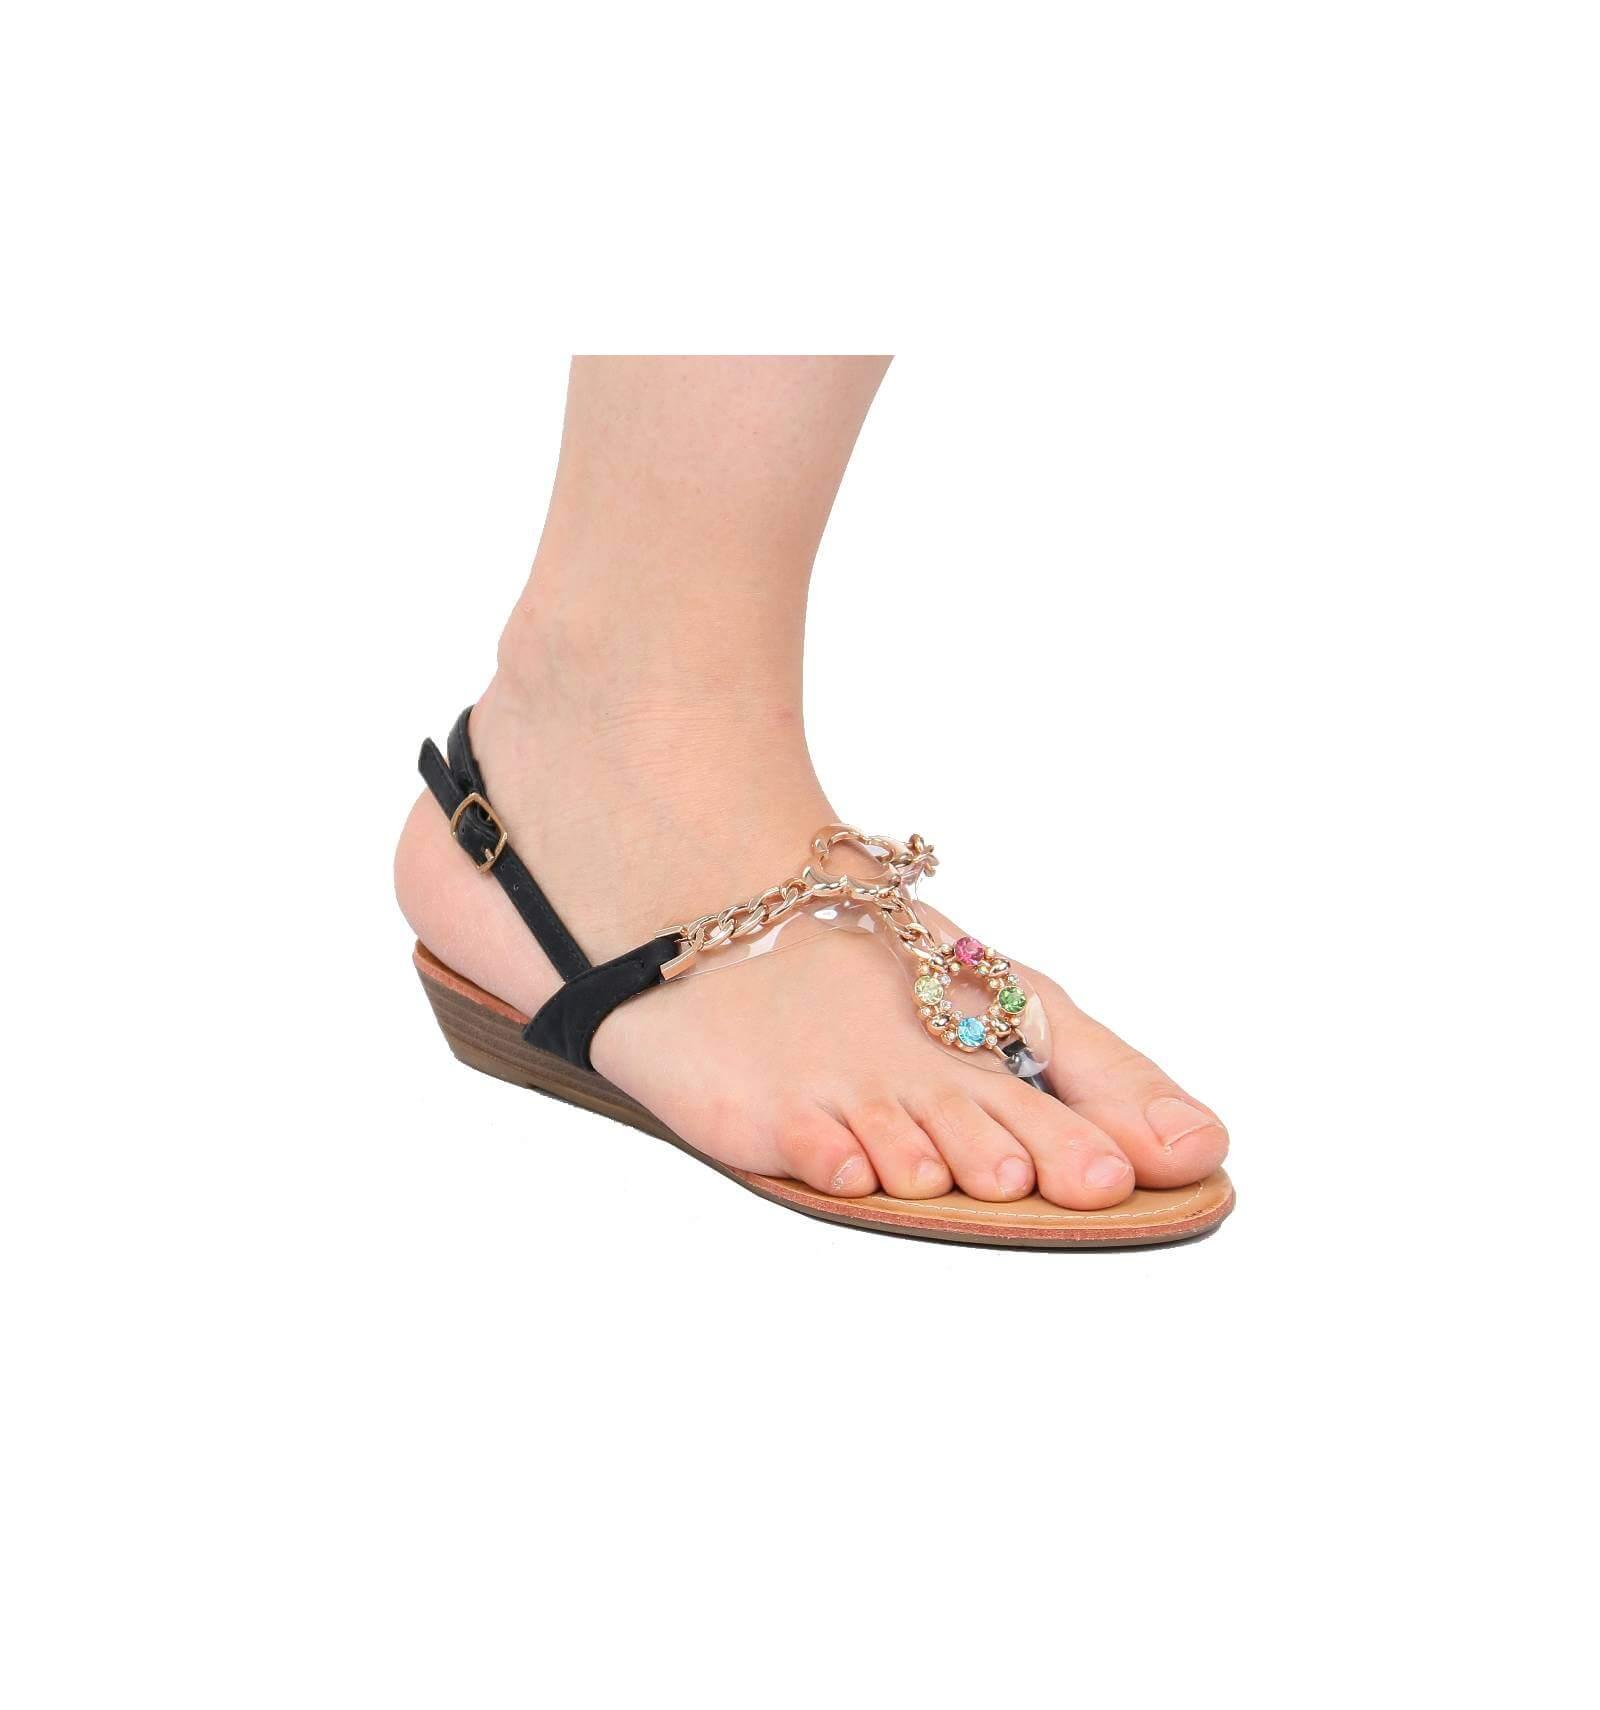 Sandales noires avecpompons multicolores modèle Athènes - Couleur:Noir Pointure: Rrukh8